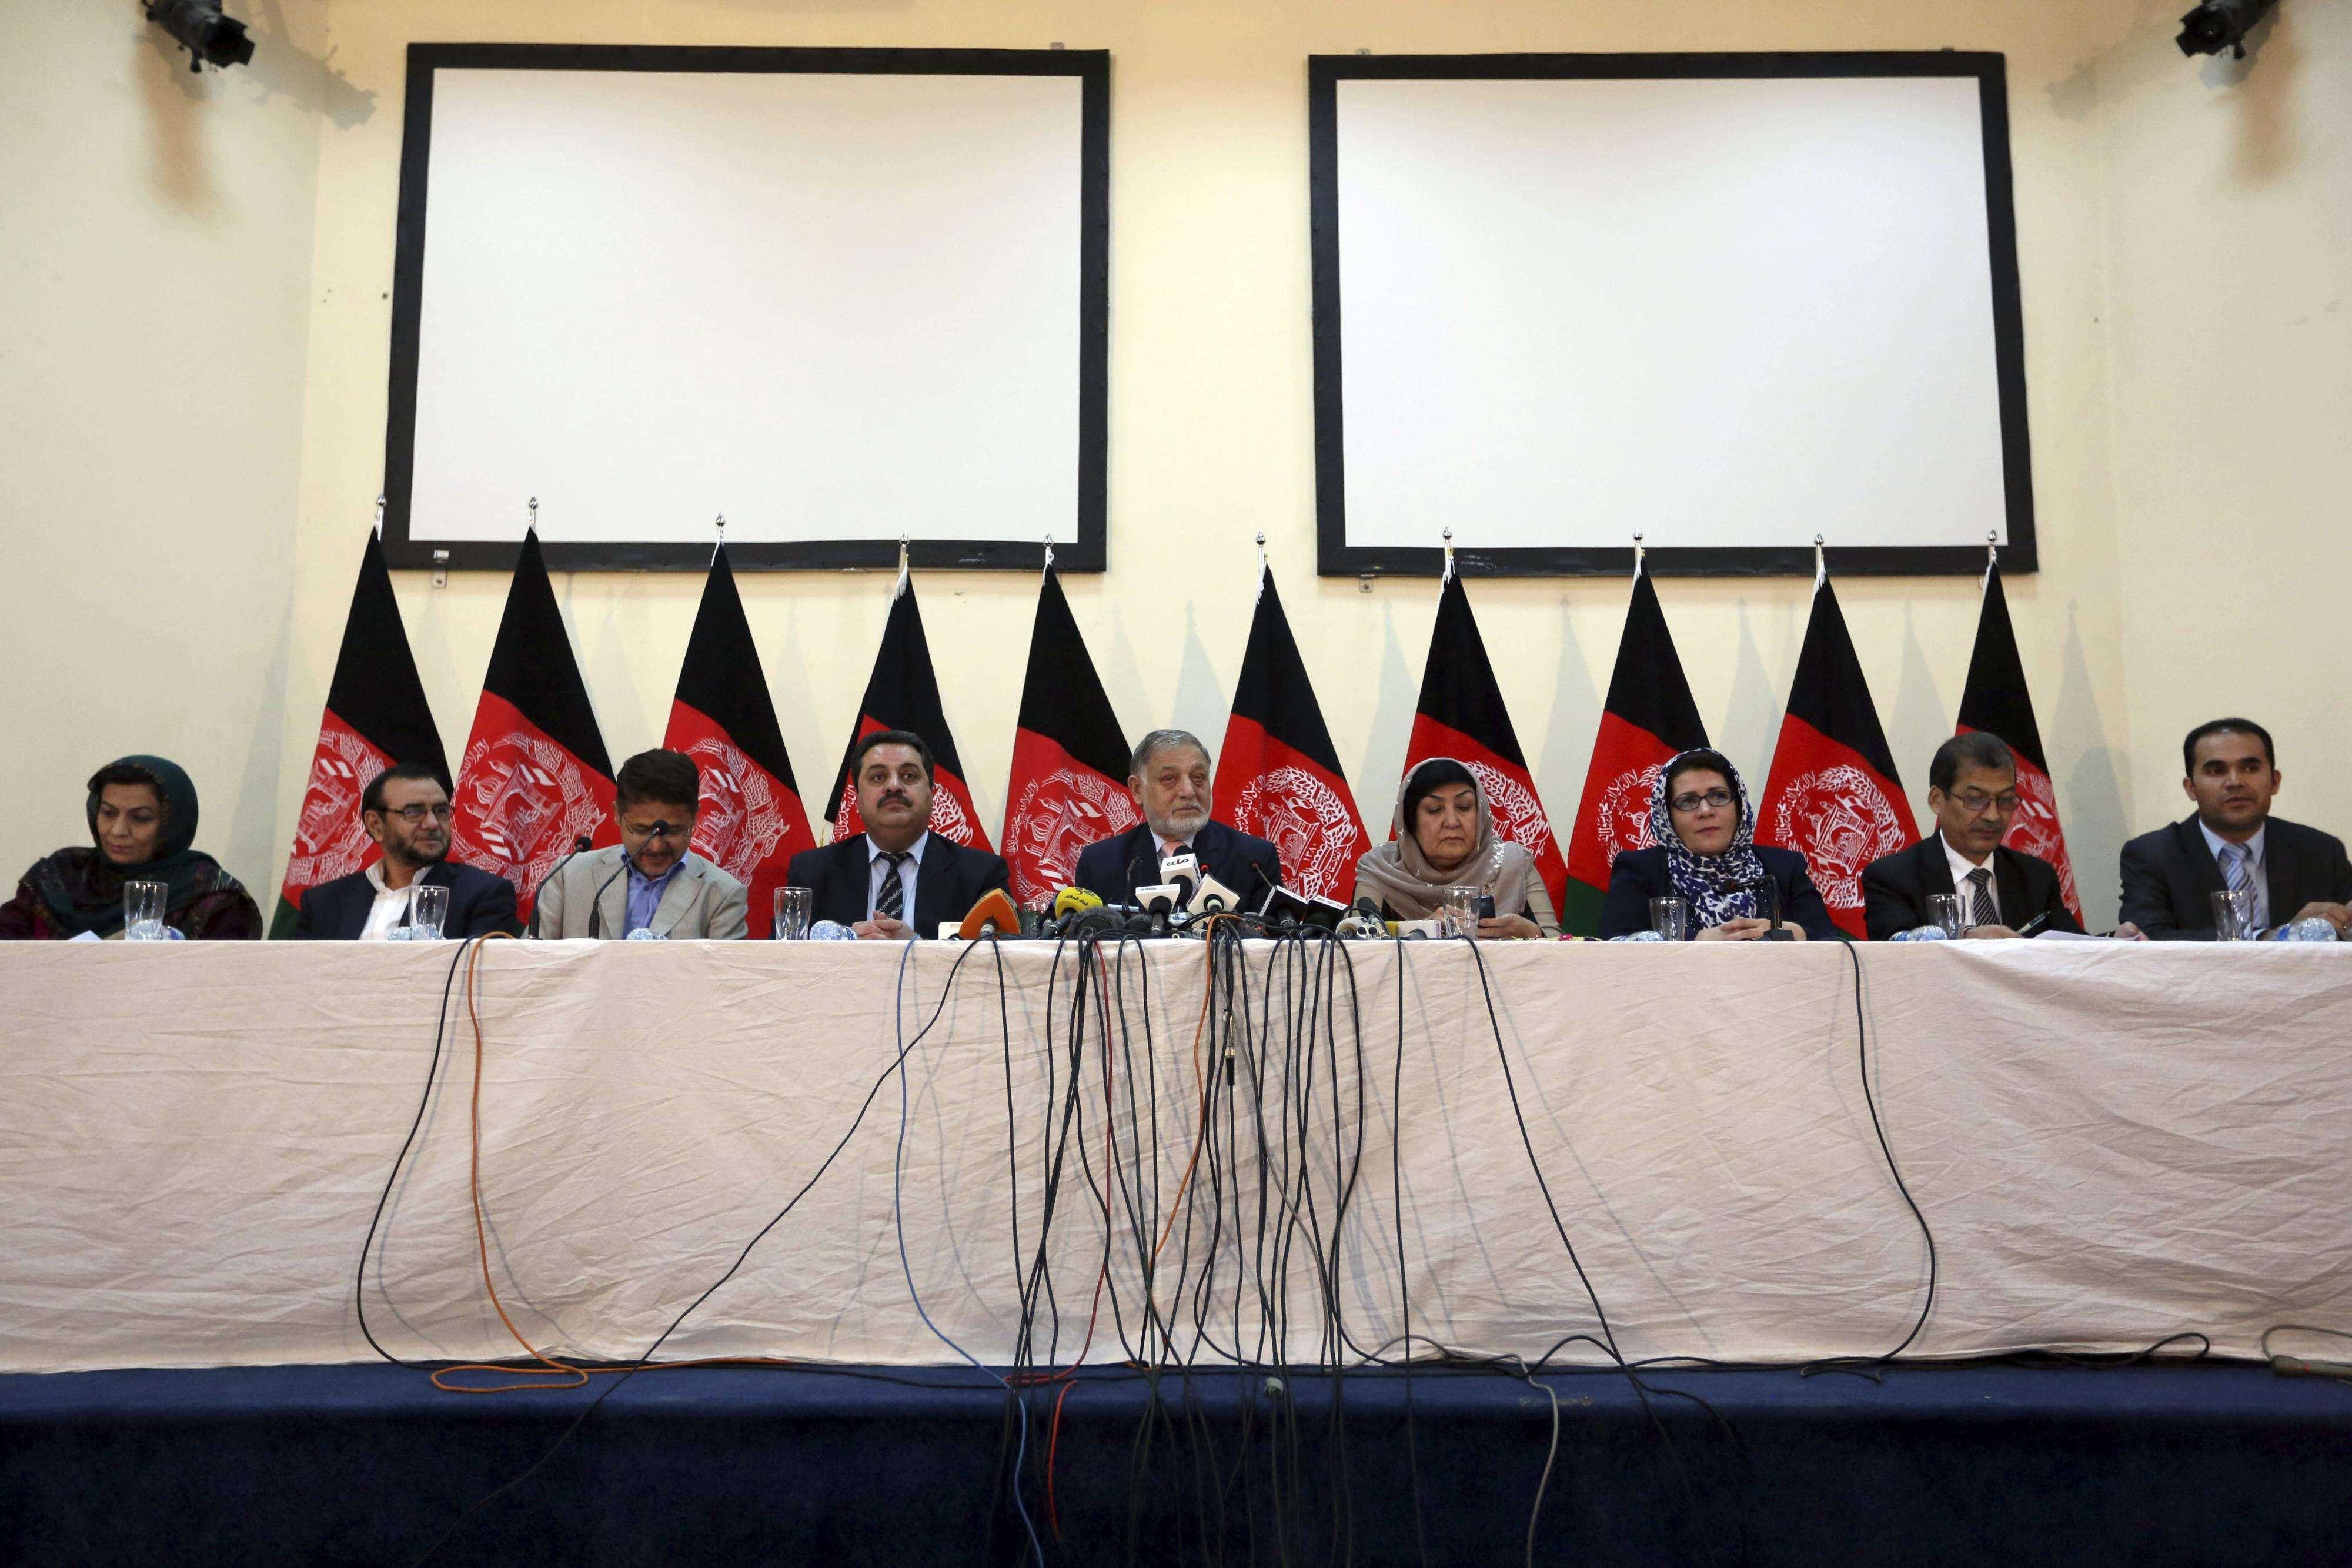 Los candidatos a la presidencia de Afganistán, Ahmadzai y Abdullah Abdullah, firmaron un acuerdo para compartir el poder, poniendo fin a meses de disputas políticas tras una segunda vuelta que amenazaba con sumir al país en el caos y complicar la retirada de tropas extranjeras. Foto: AP en español